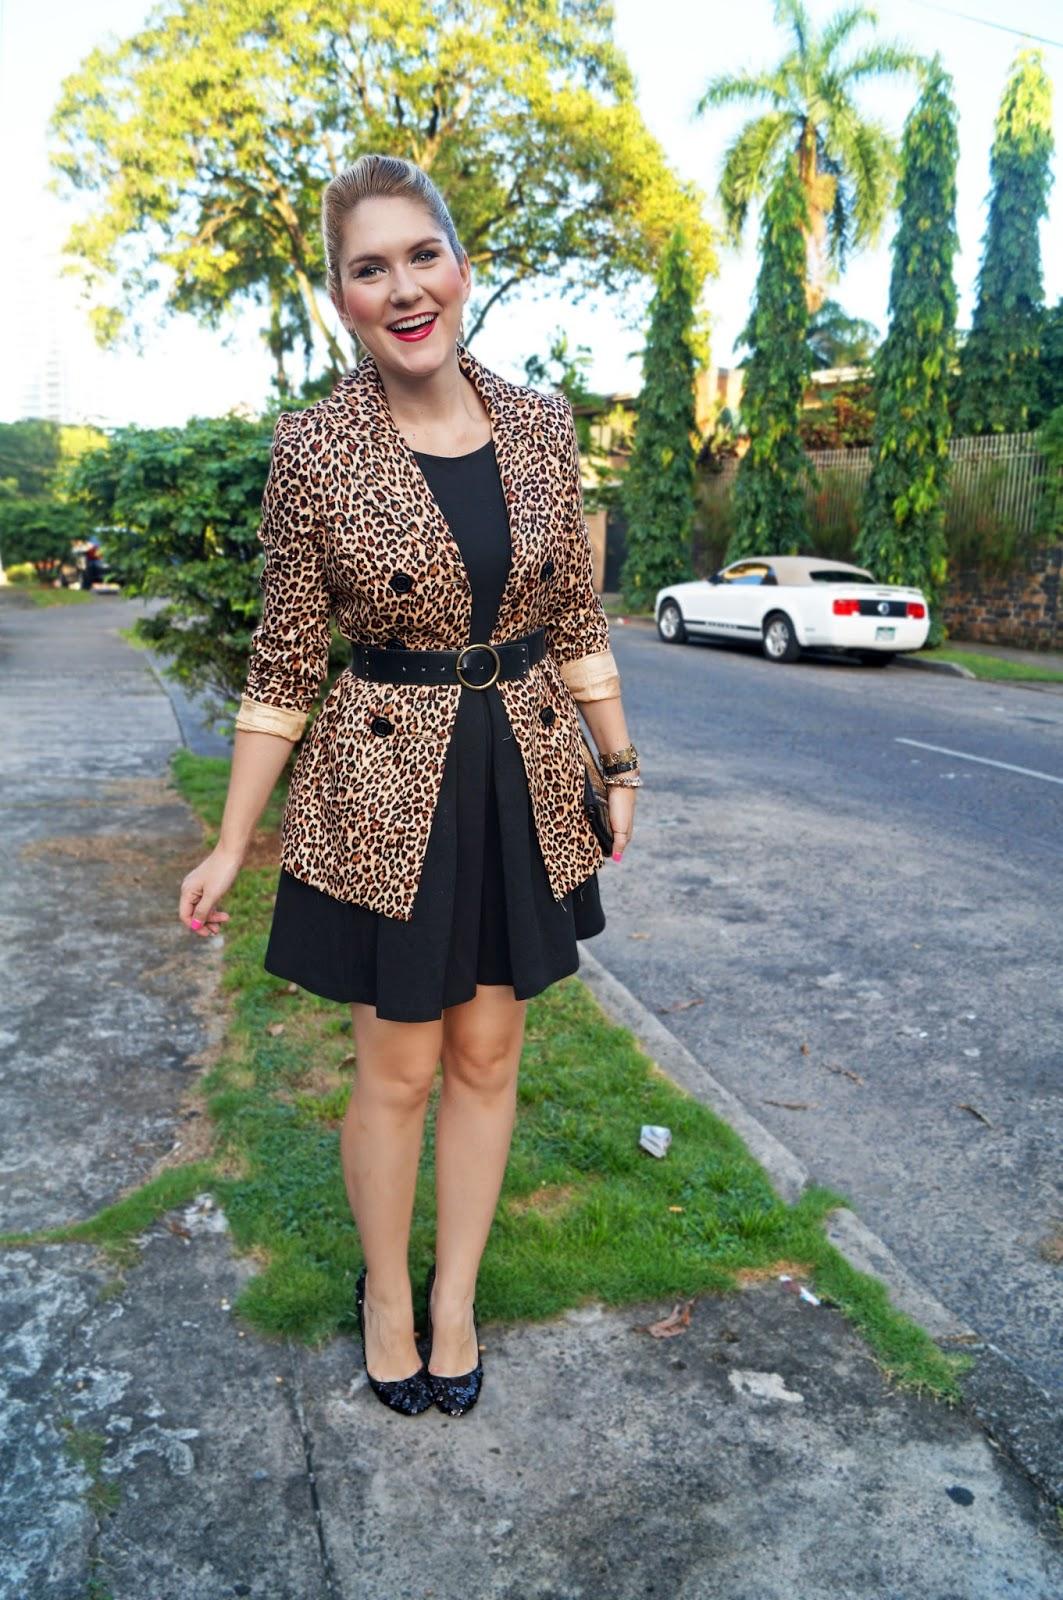 Leopard Coat Outfit